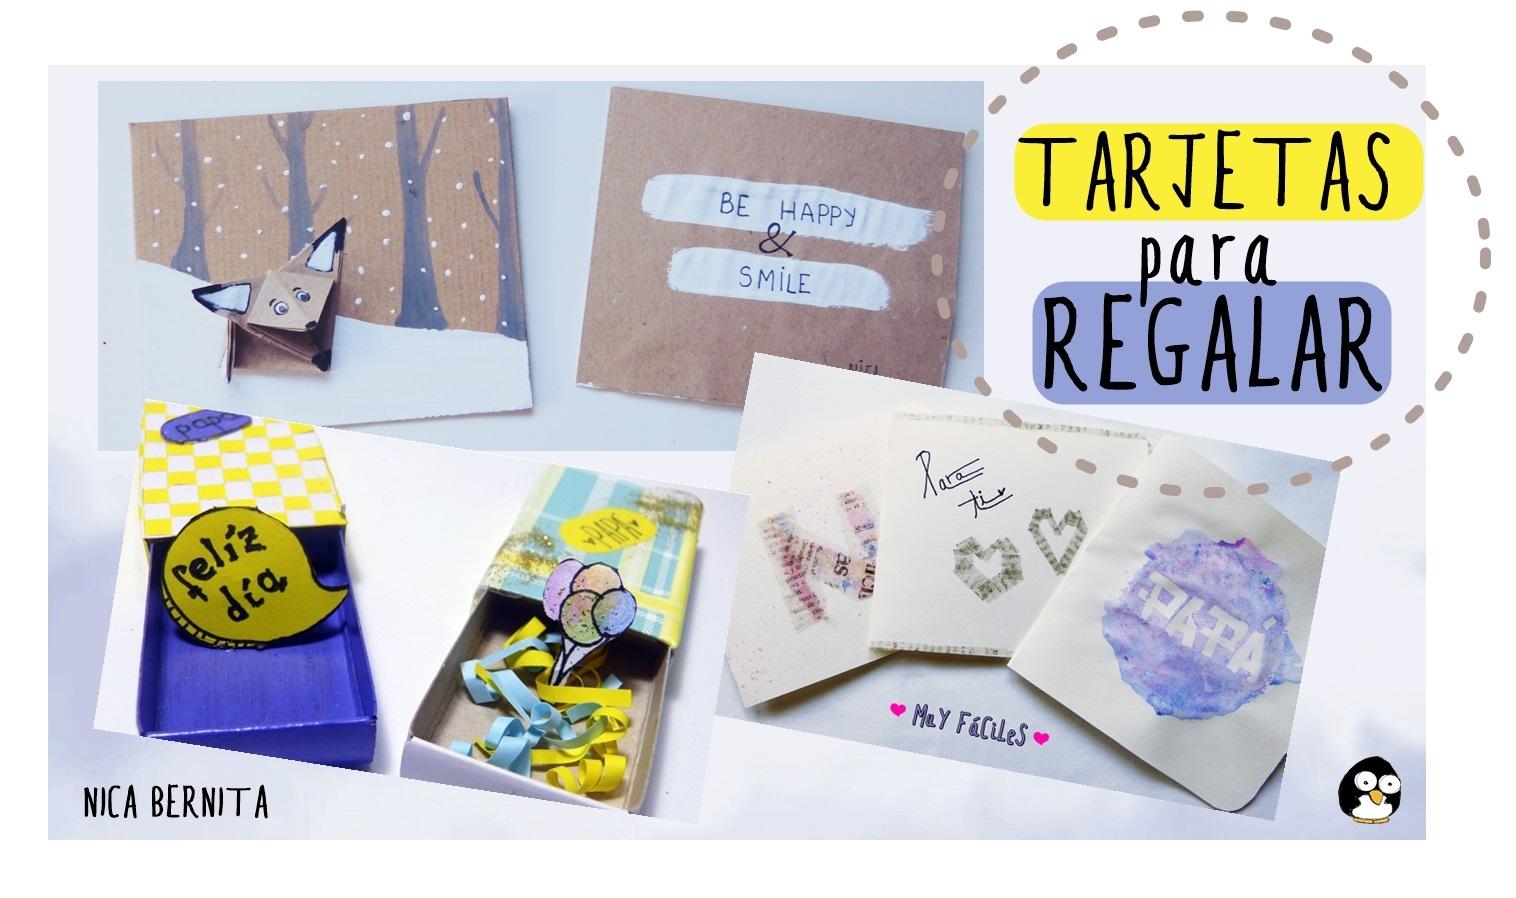 tarjetas para regalar postales hechas a mano da del padre nica bernita with faciles para regalar with como hacer faciles para regalar